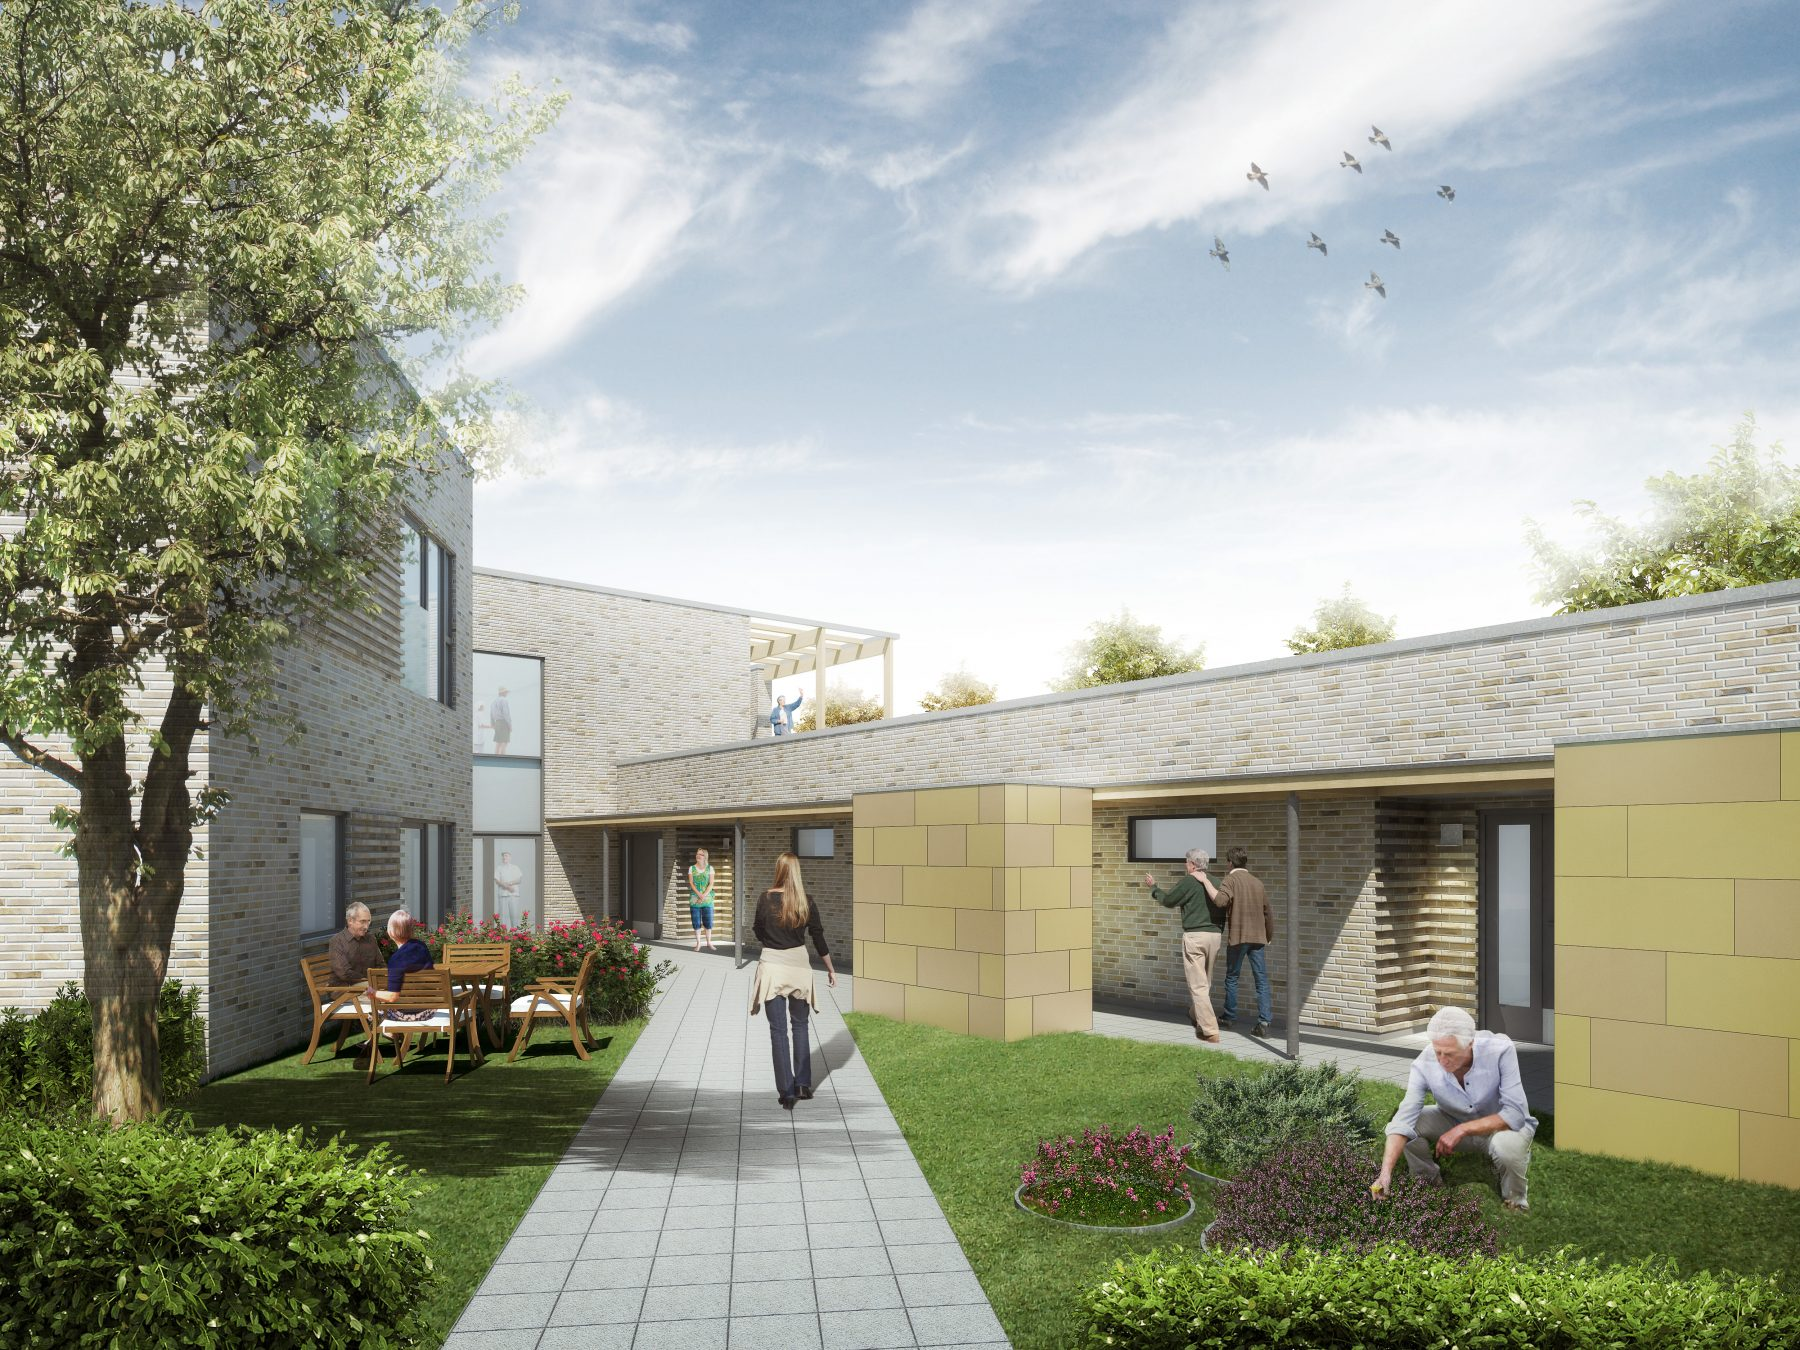 Bofællesskabet Egebæksvej, Aarhus - visualisering